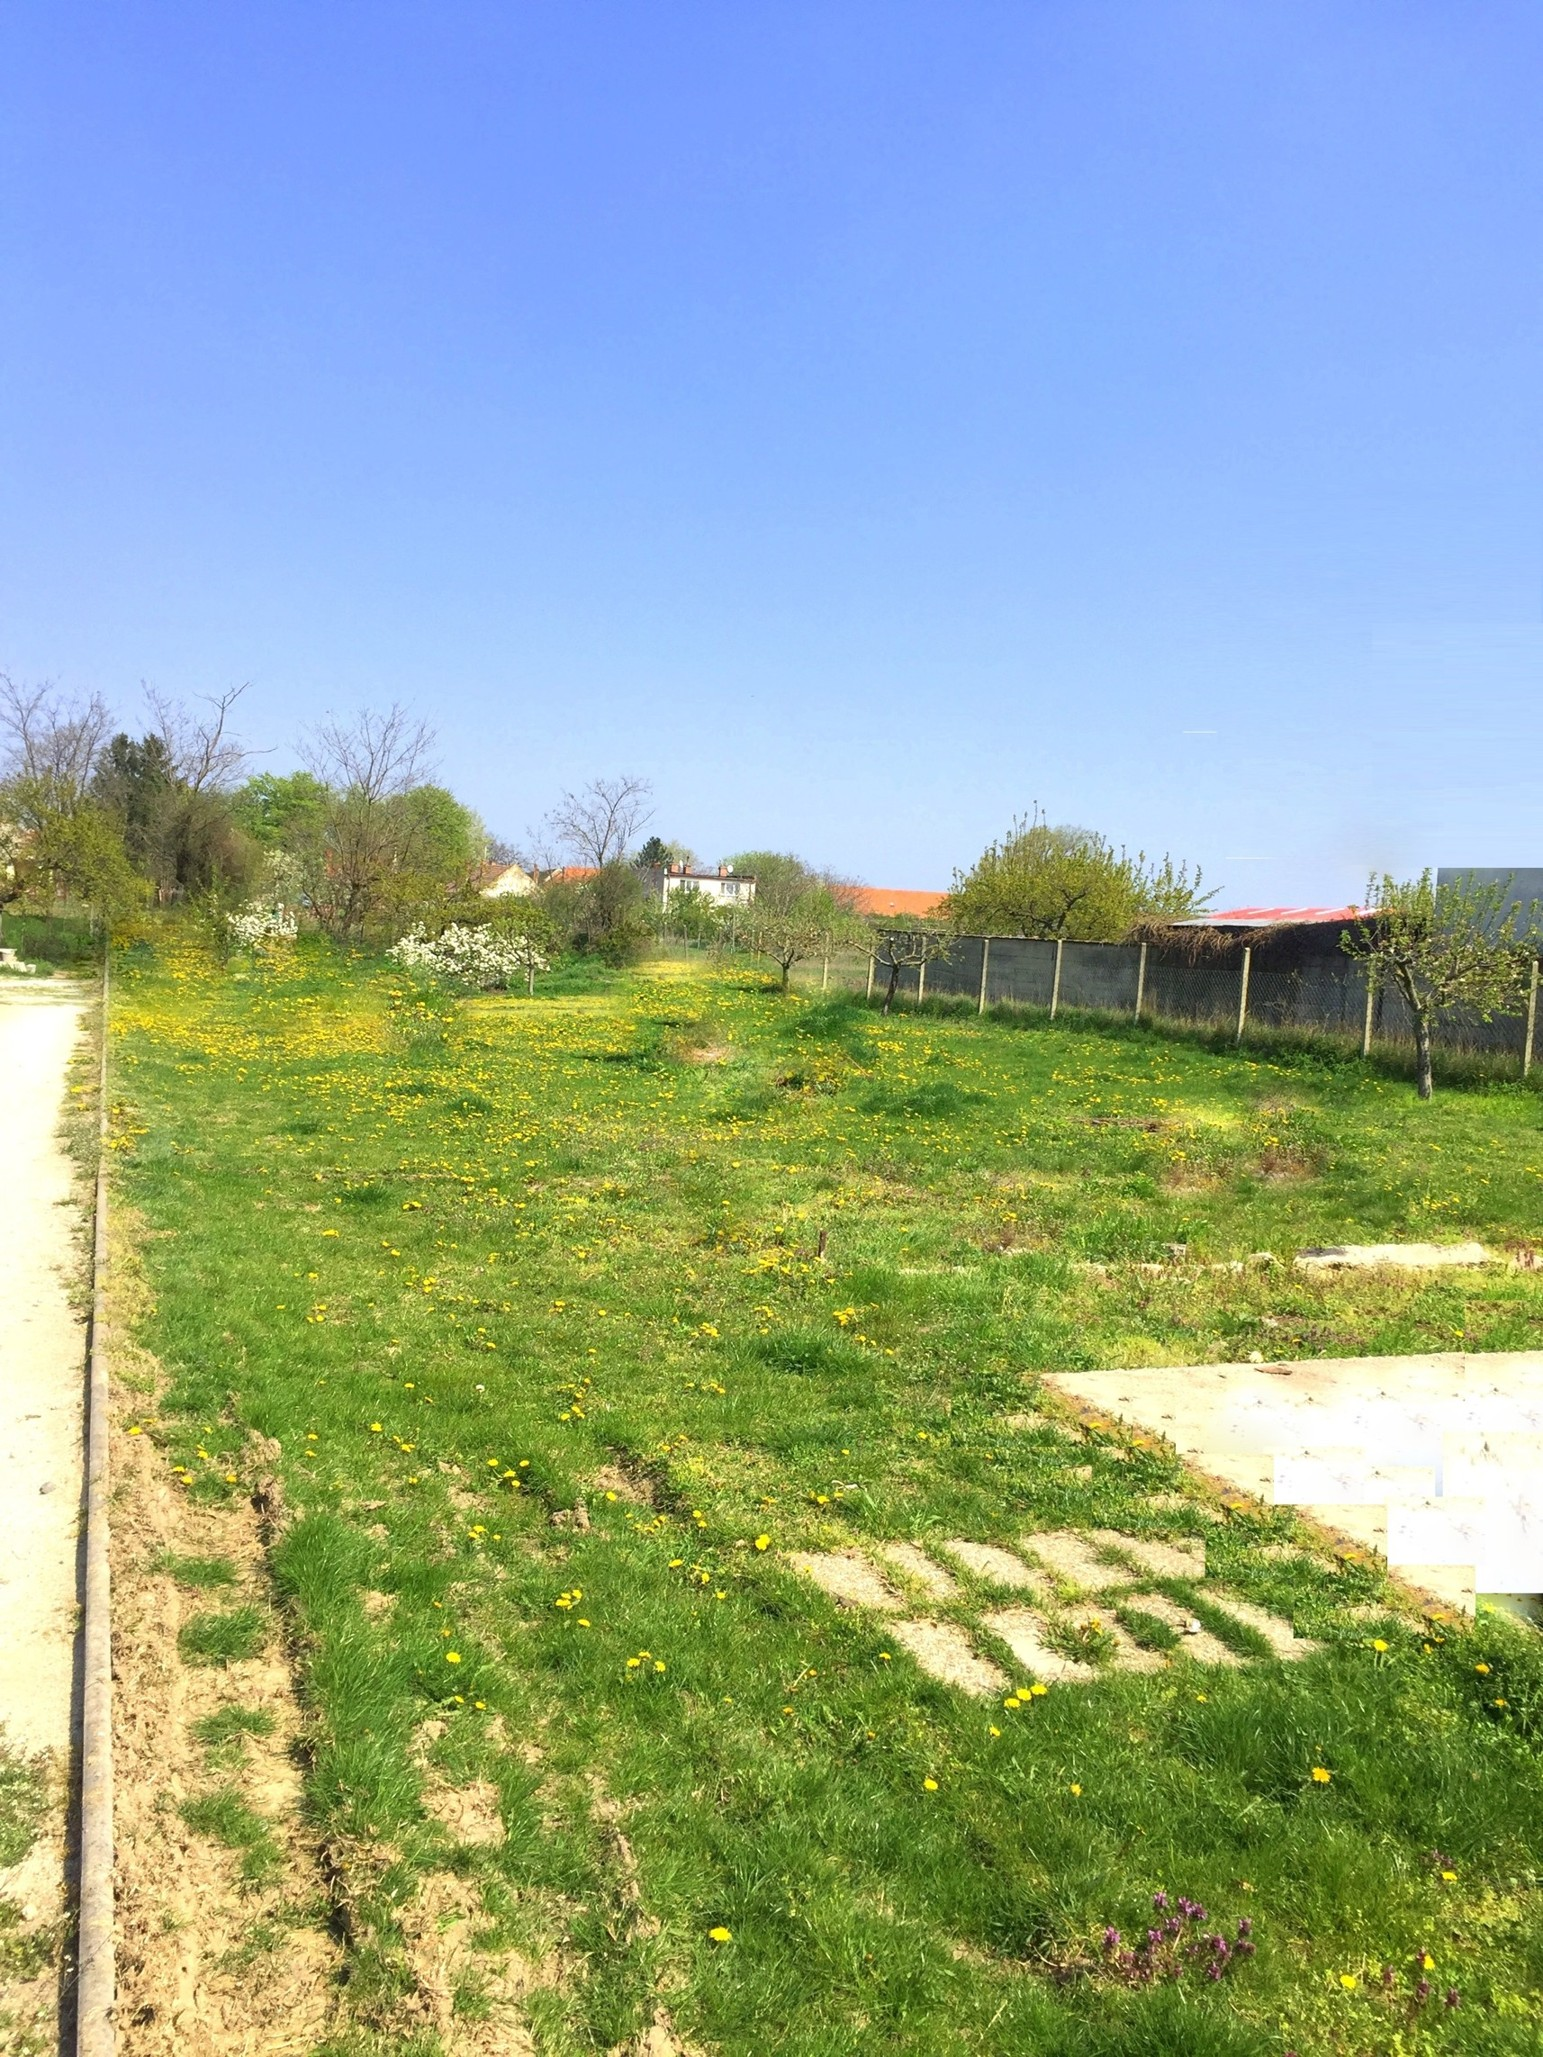 Stavebný pozemok 1187 m2 (18m x 66m) v obci Gáň, okr. Galanta